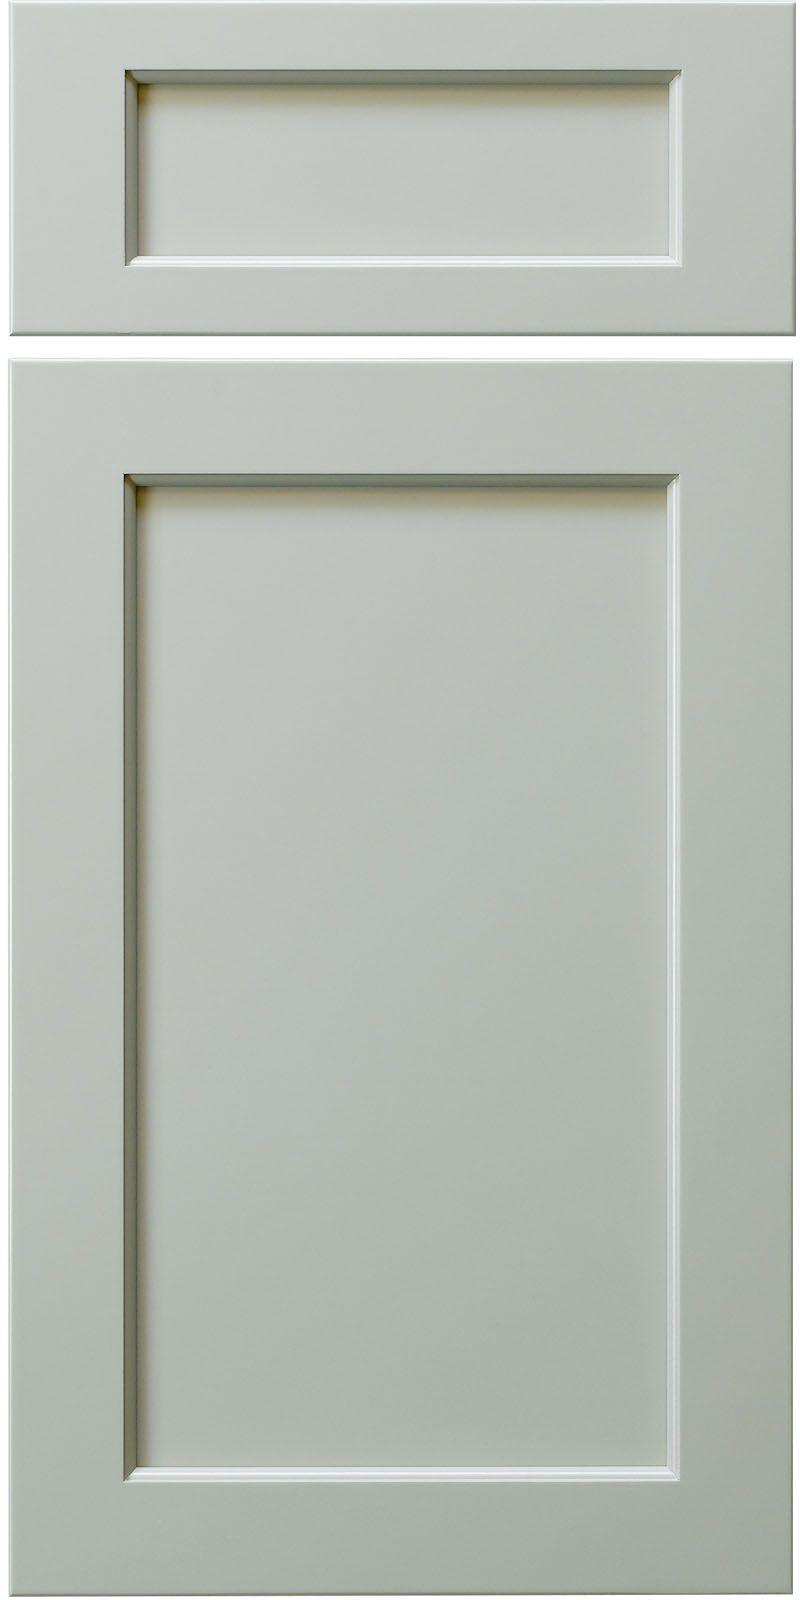 Conestoga Wood Specialties: Five-Piece MDF Doors. TW10 ...